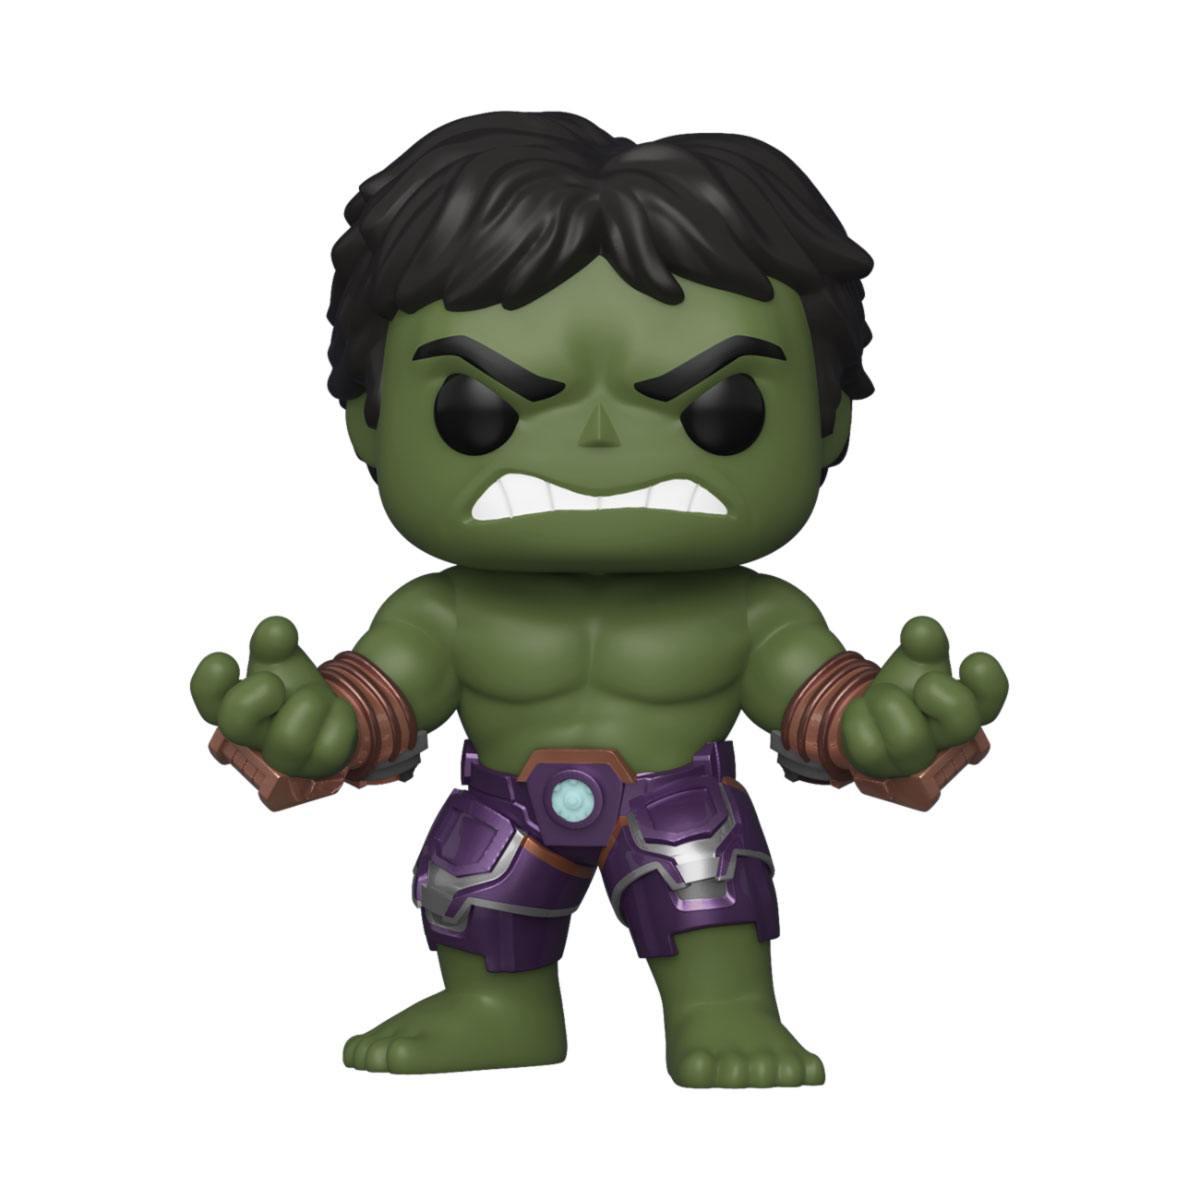 Marvel's Avengers (2020 video game) POP! Marvel Vinyl Figure Hulk 9 cm